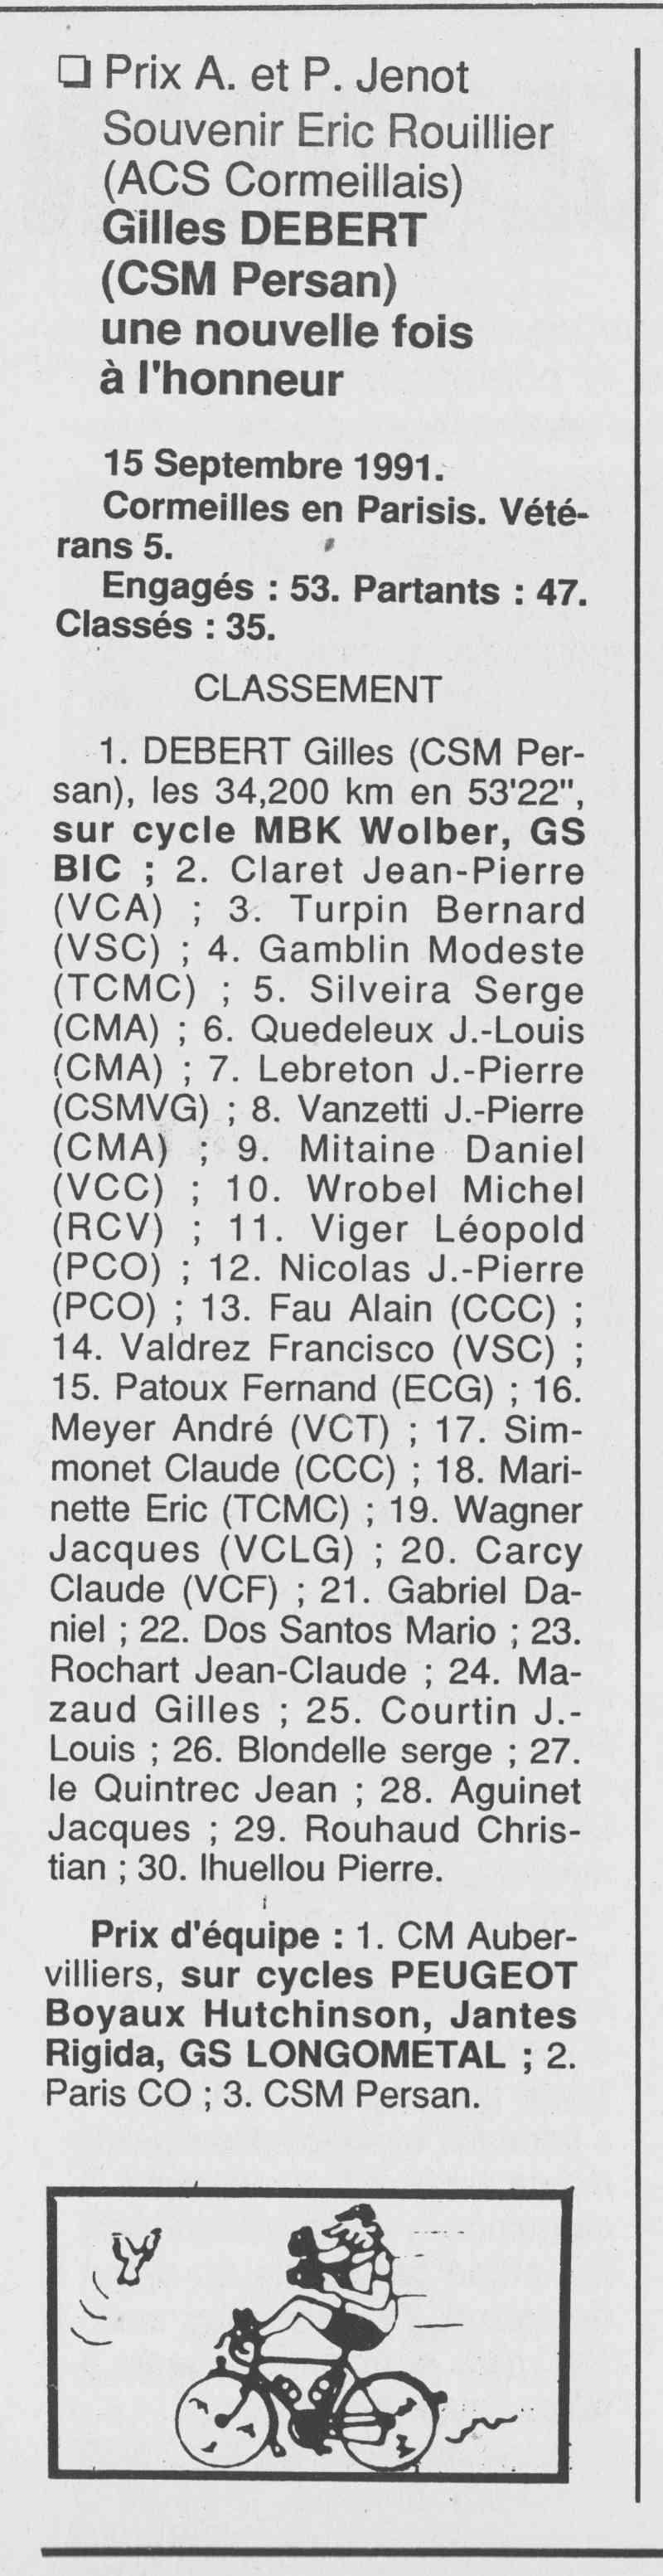 CSM.Persan. BIC. Toute une époque de janvier 1990 à novembre 2007 - Page 6 1991_014